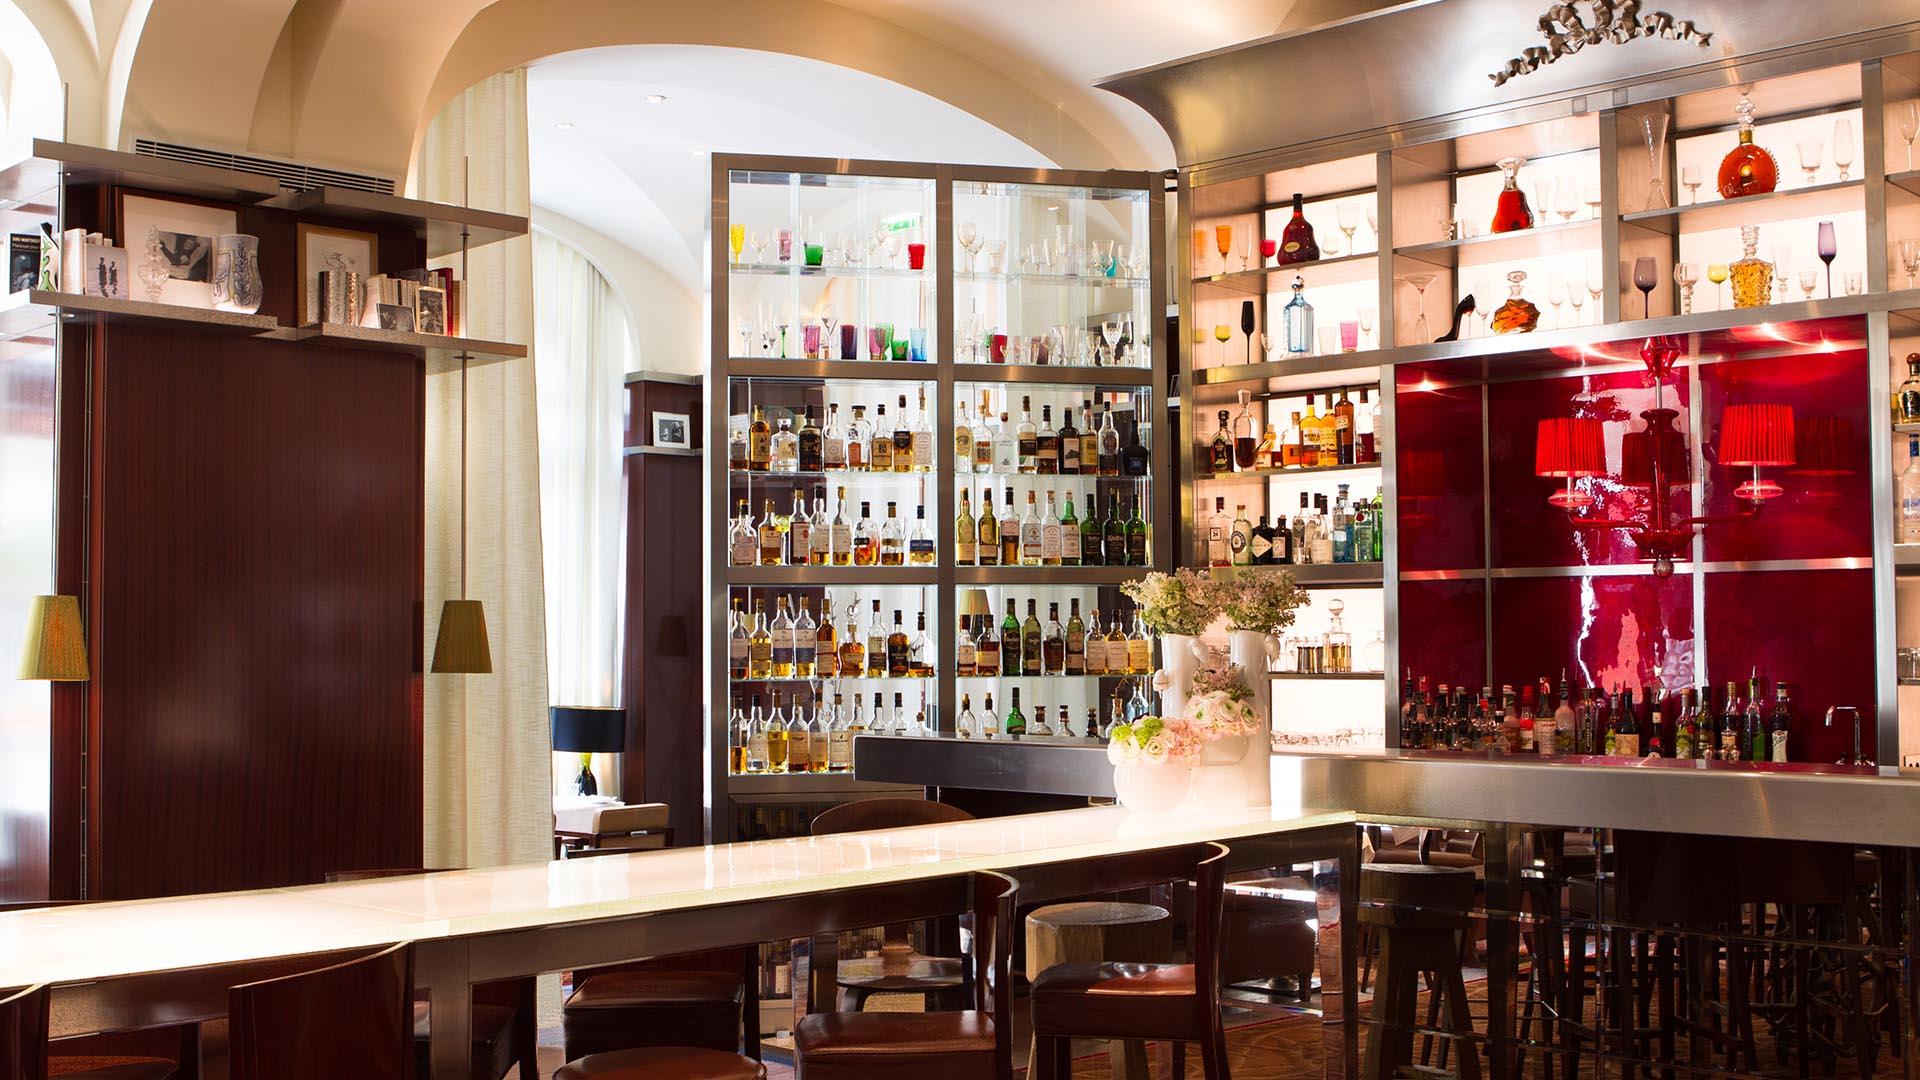 Le bar long le royal monceau for Restaurant la cuisine royal monceau